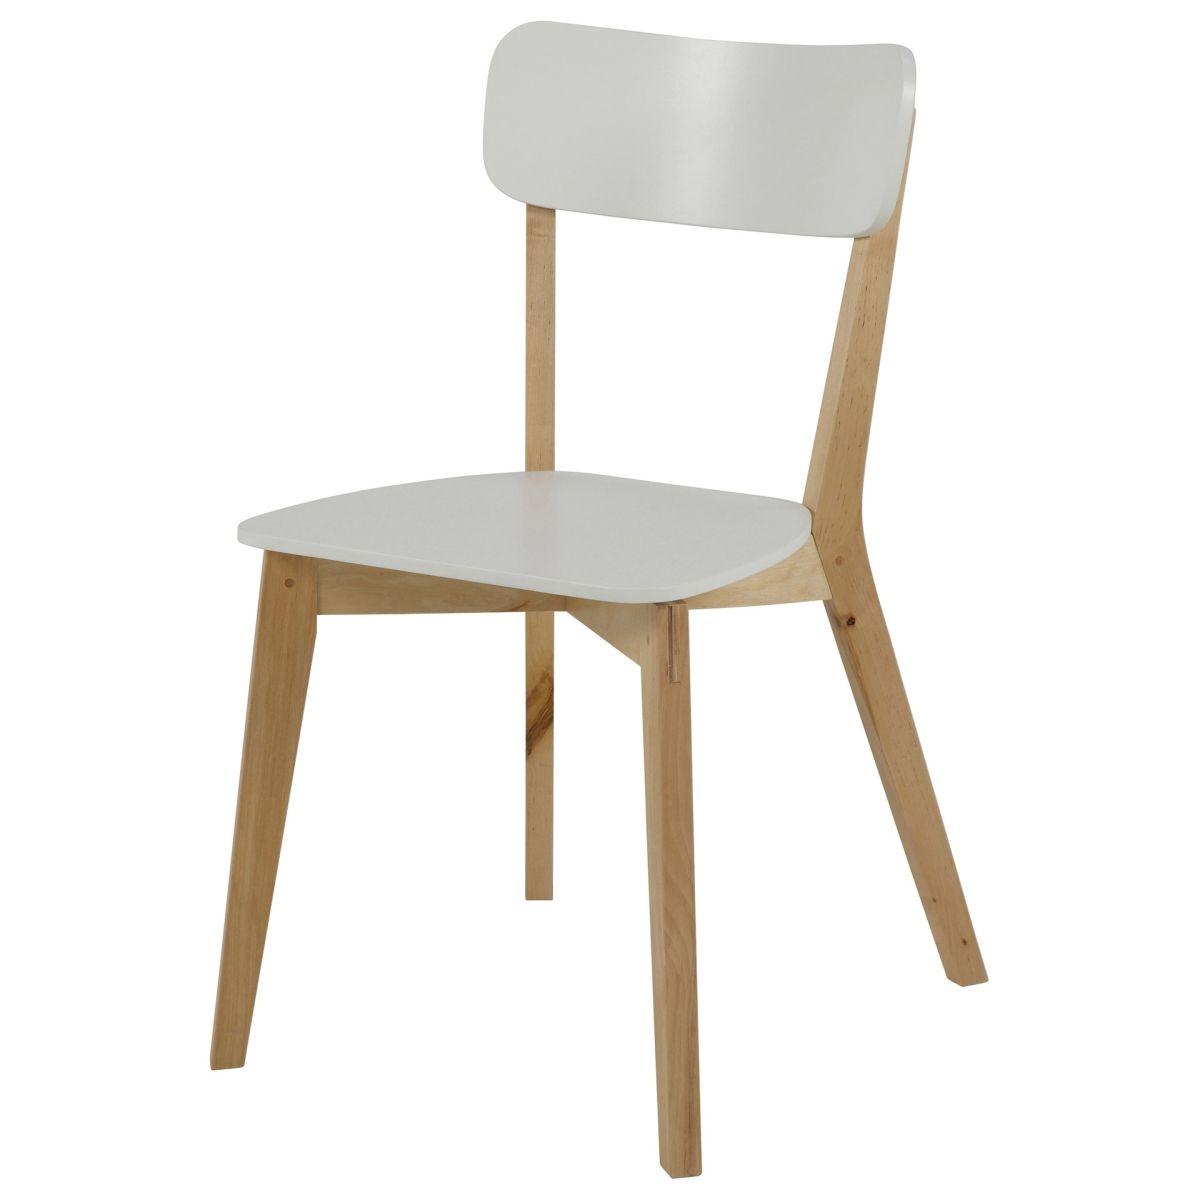 Esszimmerstühle designermöbel  Esszimmerstuhl Egernsund (weiß) Jetzt bestellen unter: https ...